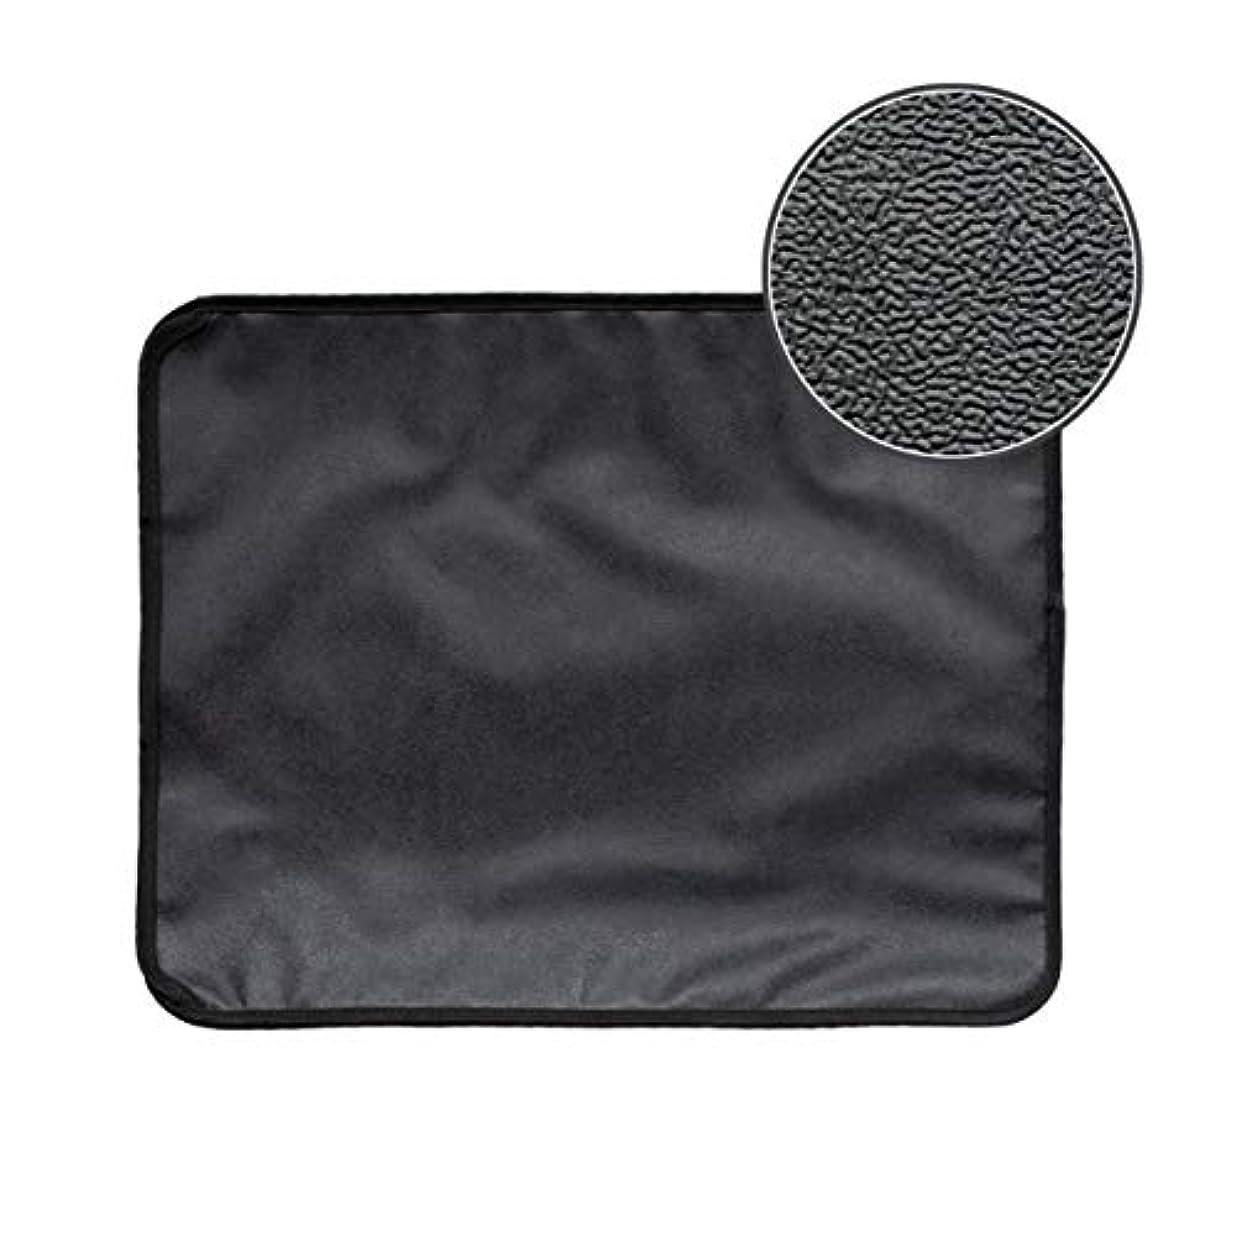 干し草すみませんパーチナシティSaikogoods 高弾性EVA 防水ボトム層と猫のトイレマット ブラック ダブルレイヤー 猫のトイレトラッパーマット 黒